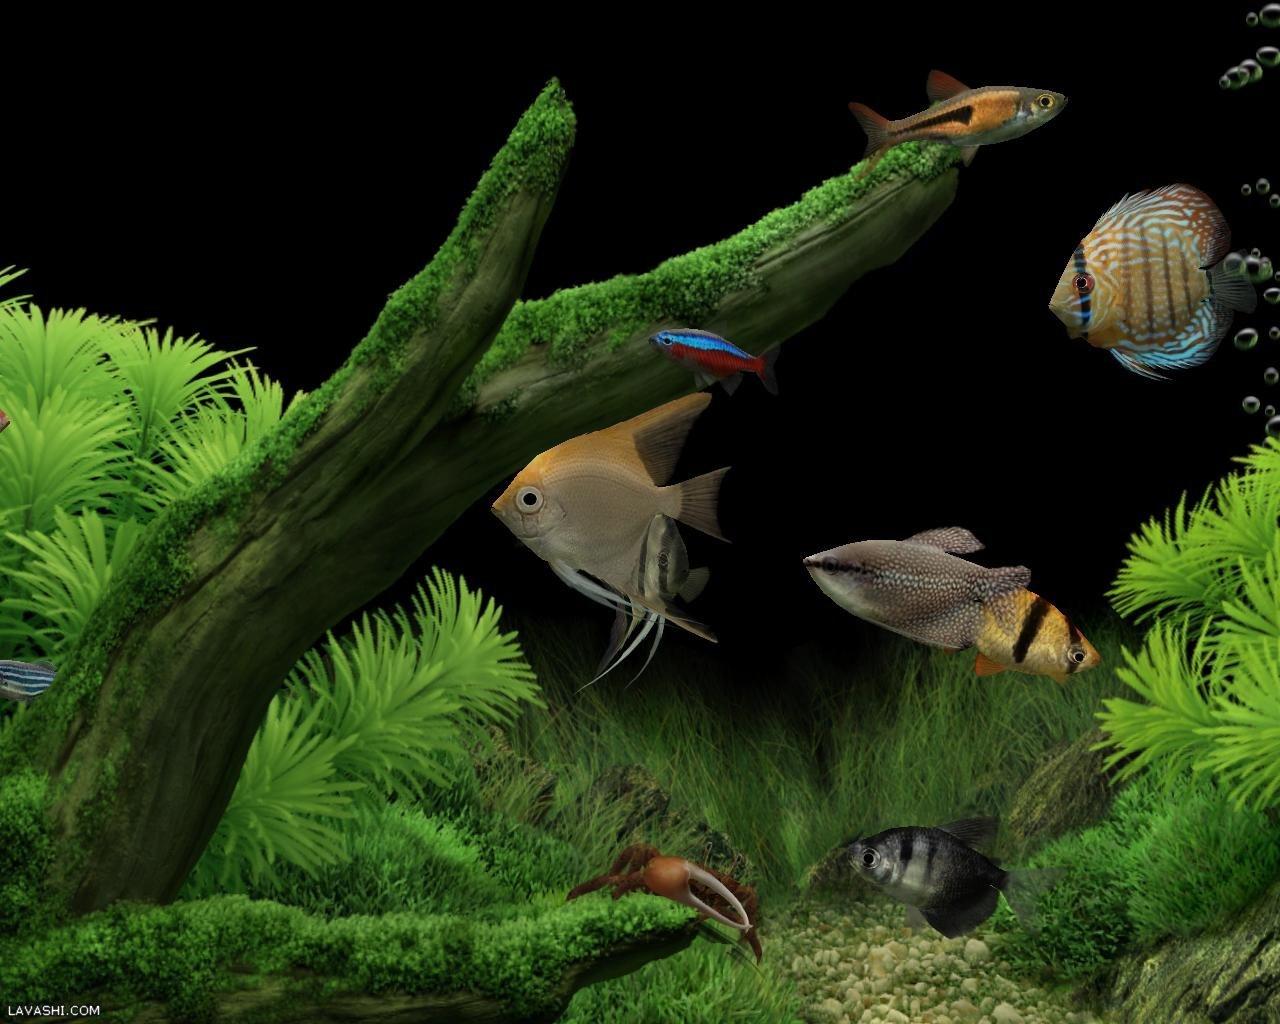 22845 Заставки и Обои Рыбы на телефон. Скачать Рыбы, Животные картинки бесплатно